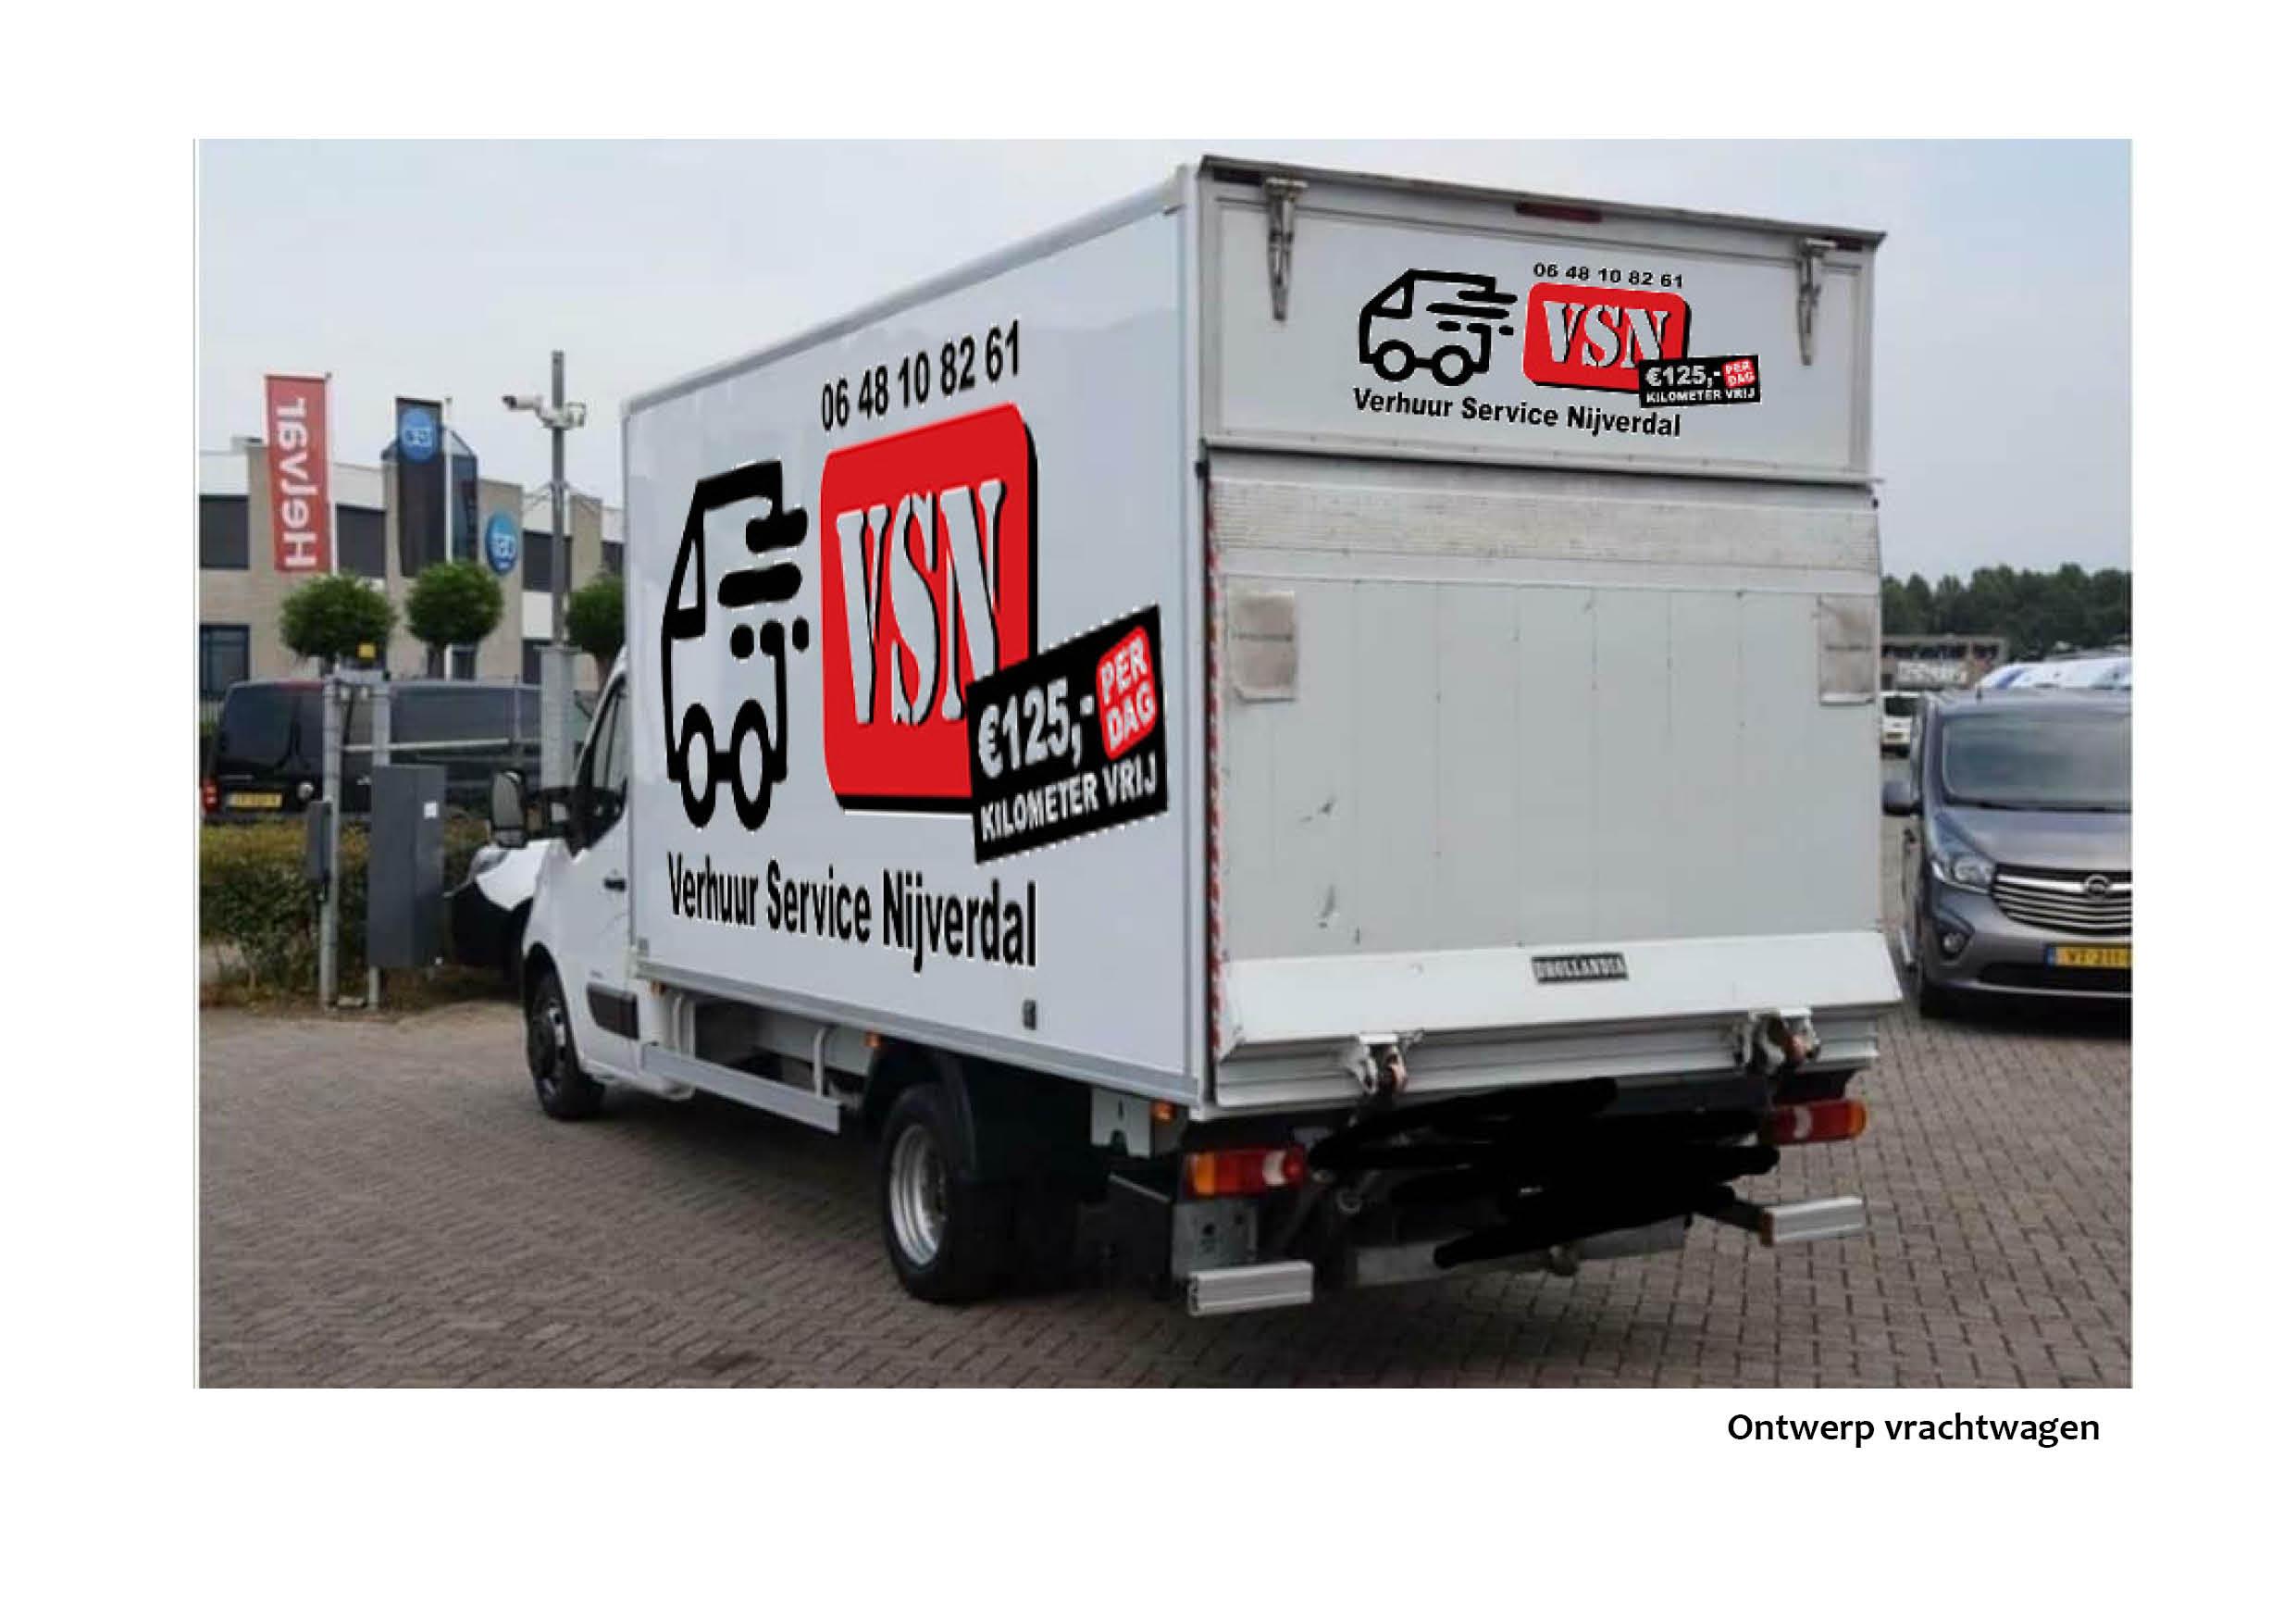 reclamebureau Nijverdal ontwerp vrachtwagen